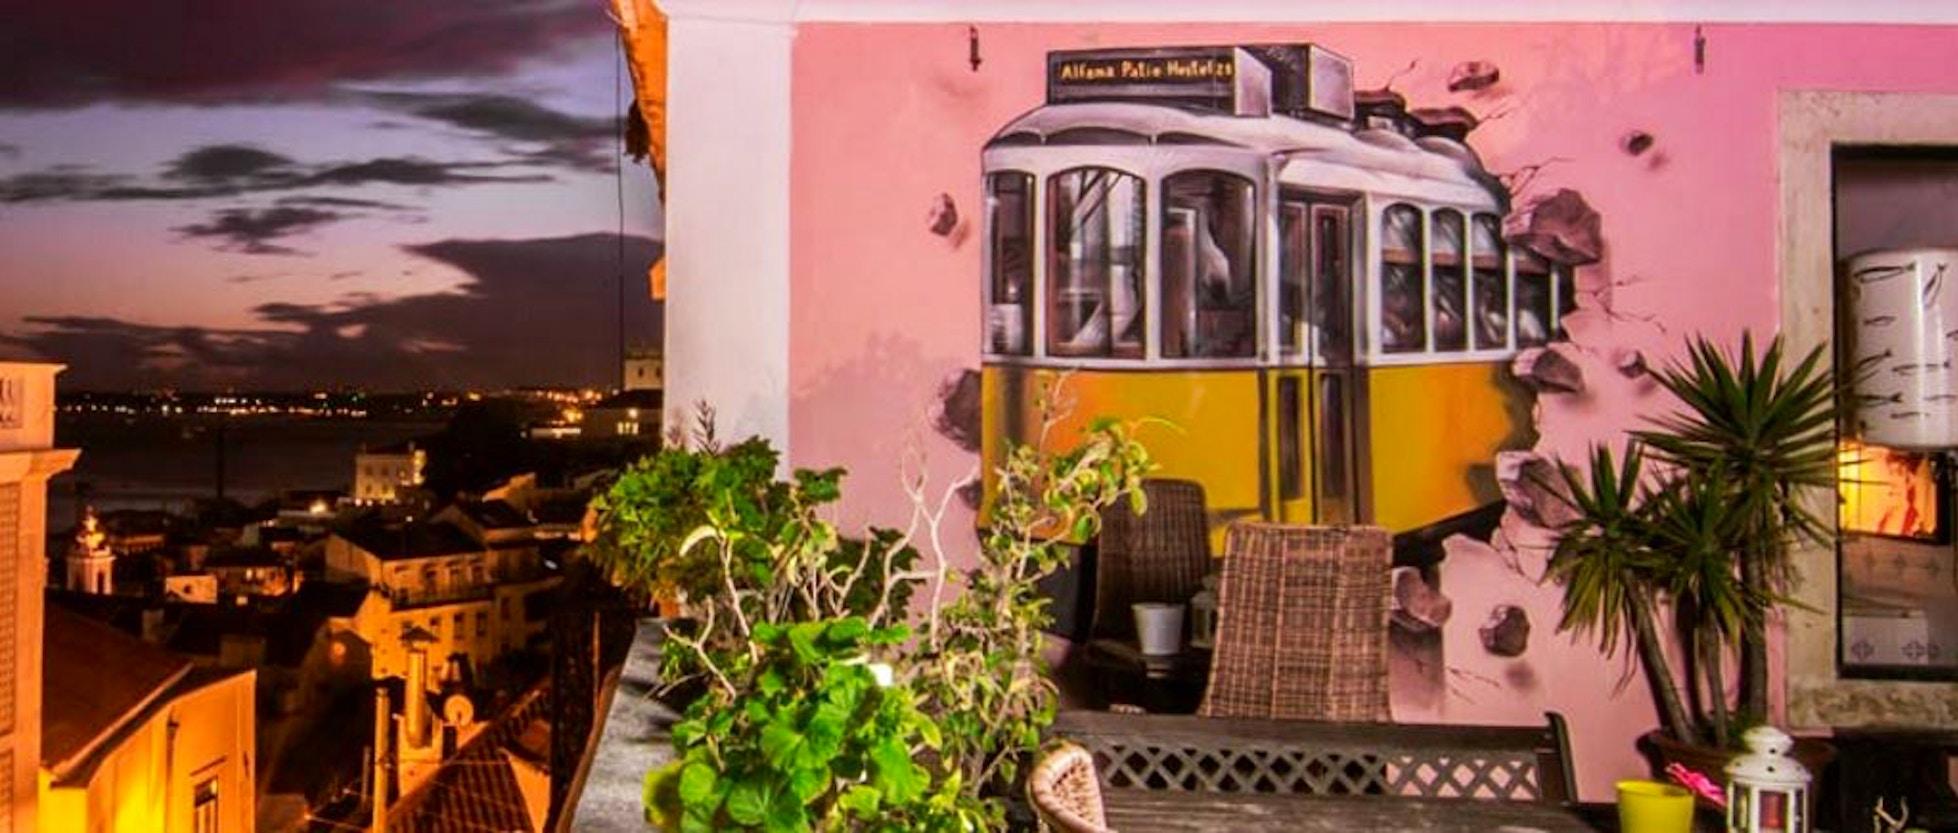 Ostelli di Lisbona: La guida ai migliori alberghi low-cost